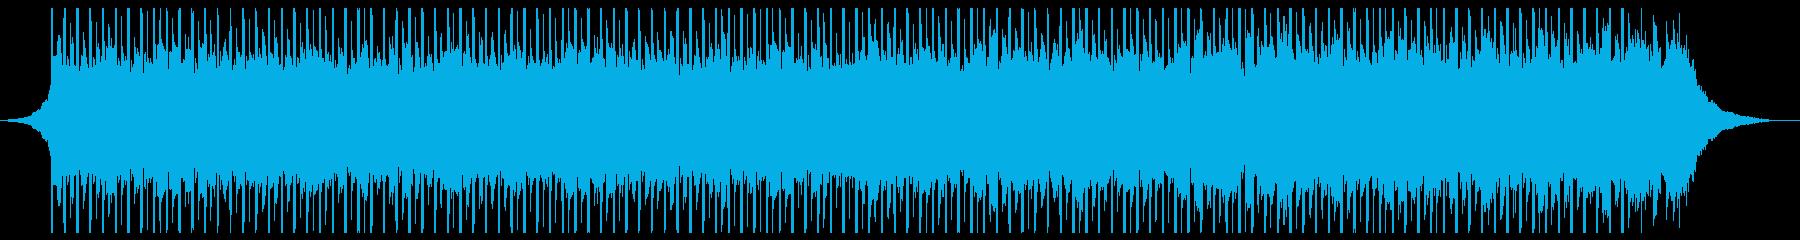 コーポレート・アップビート(中)の再生済みの波形